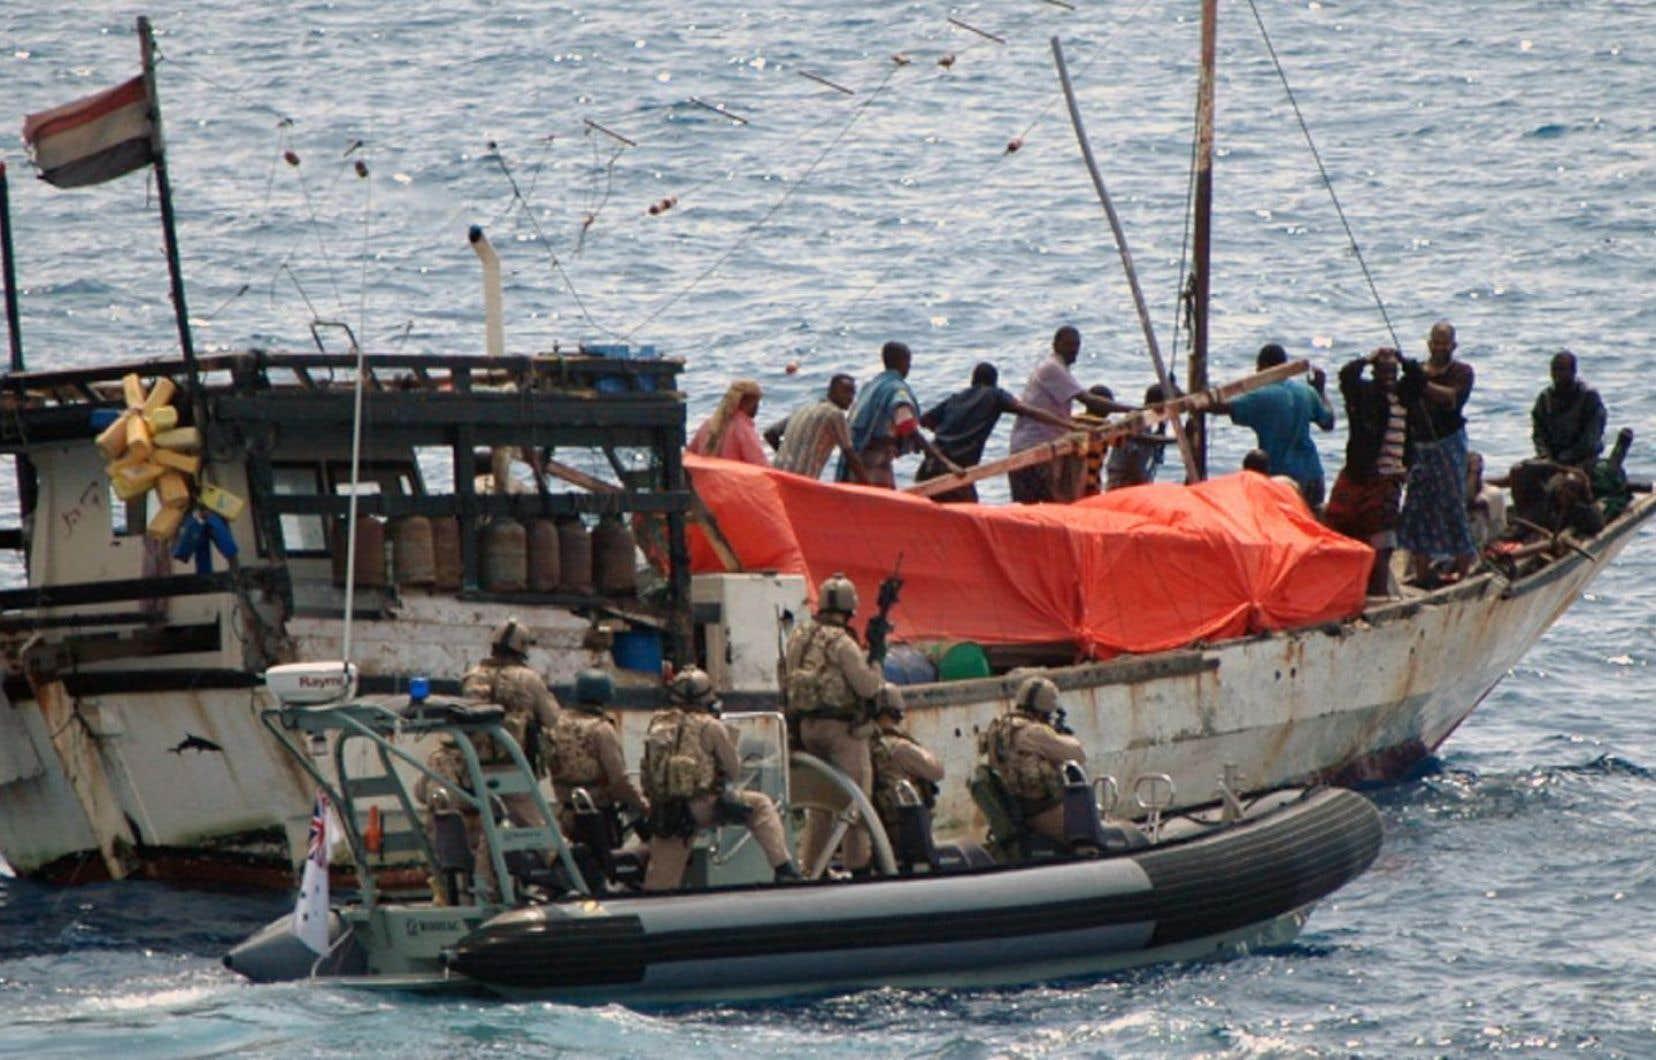 Dans son dernier rapport trimestriel, le BMI relève 37 actes de piraterie et vols à main armée en mer dans le monde pour les trois premiers mois de 2016.